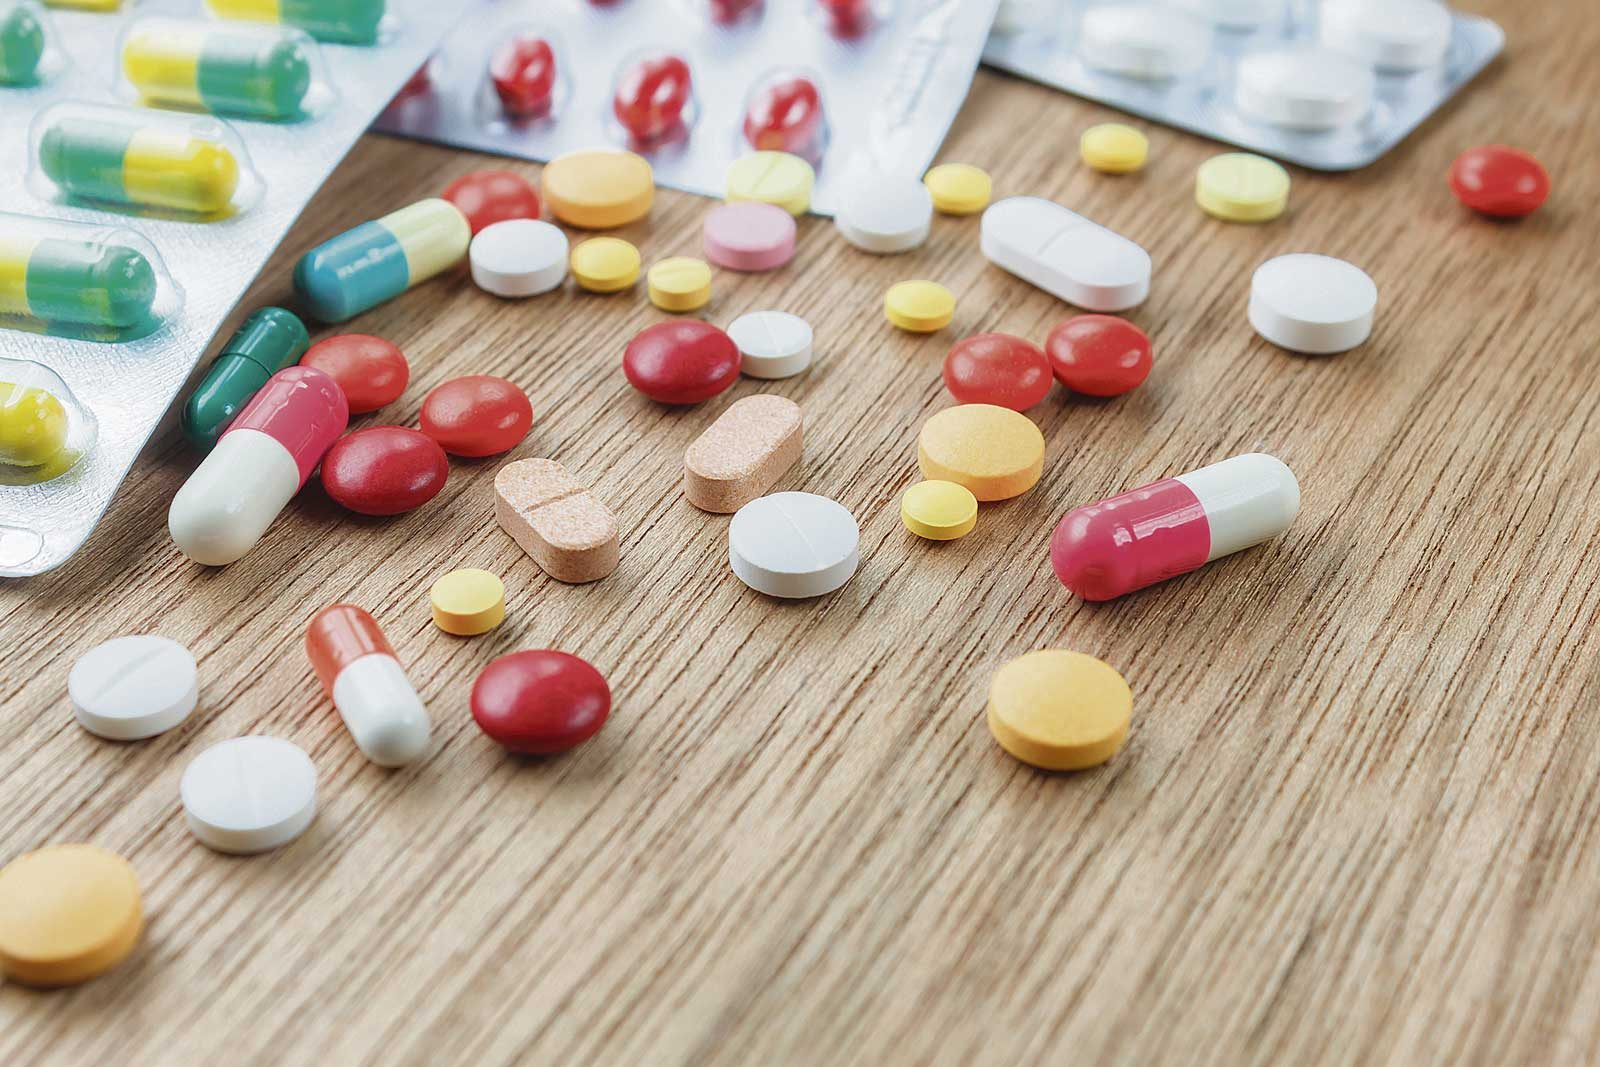 medicamente pentru dureri intramusculare pentru durerile articulare medicamente neurotrope pentru osteochondroză